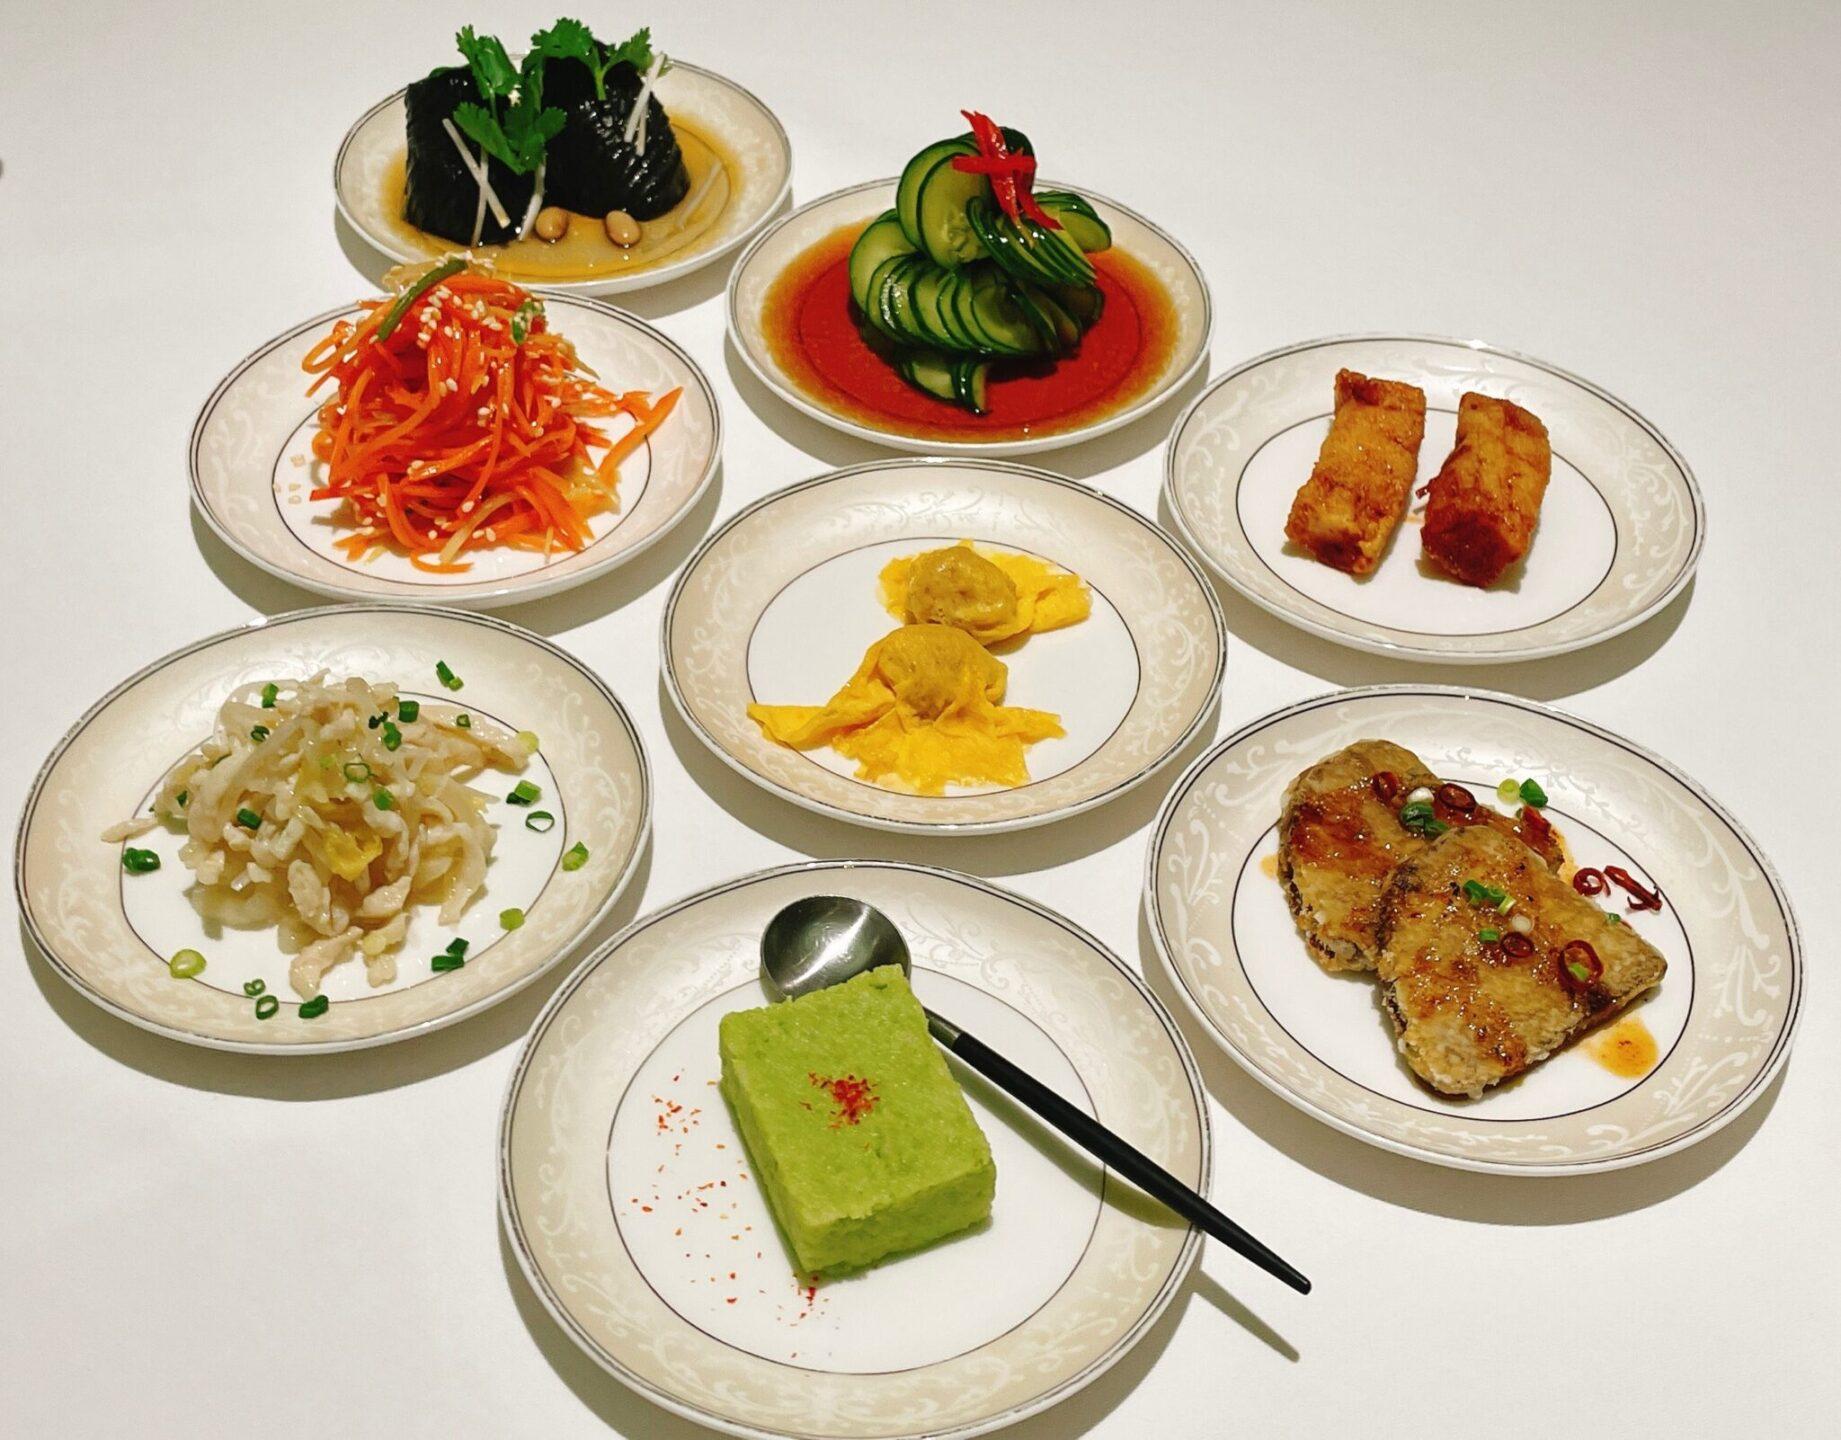 厲家菜(レイカサイ)銀座の前菜